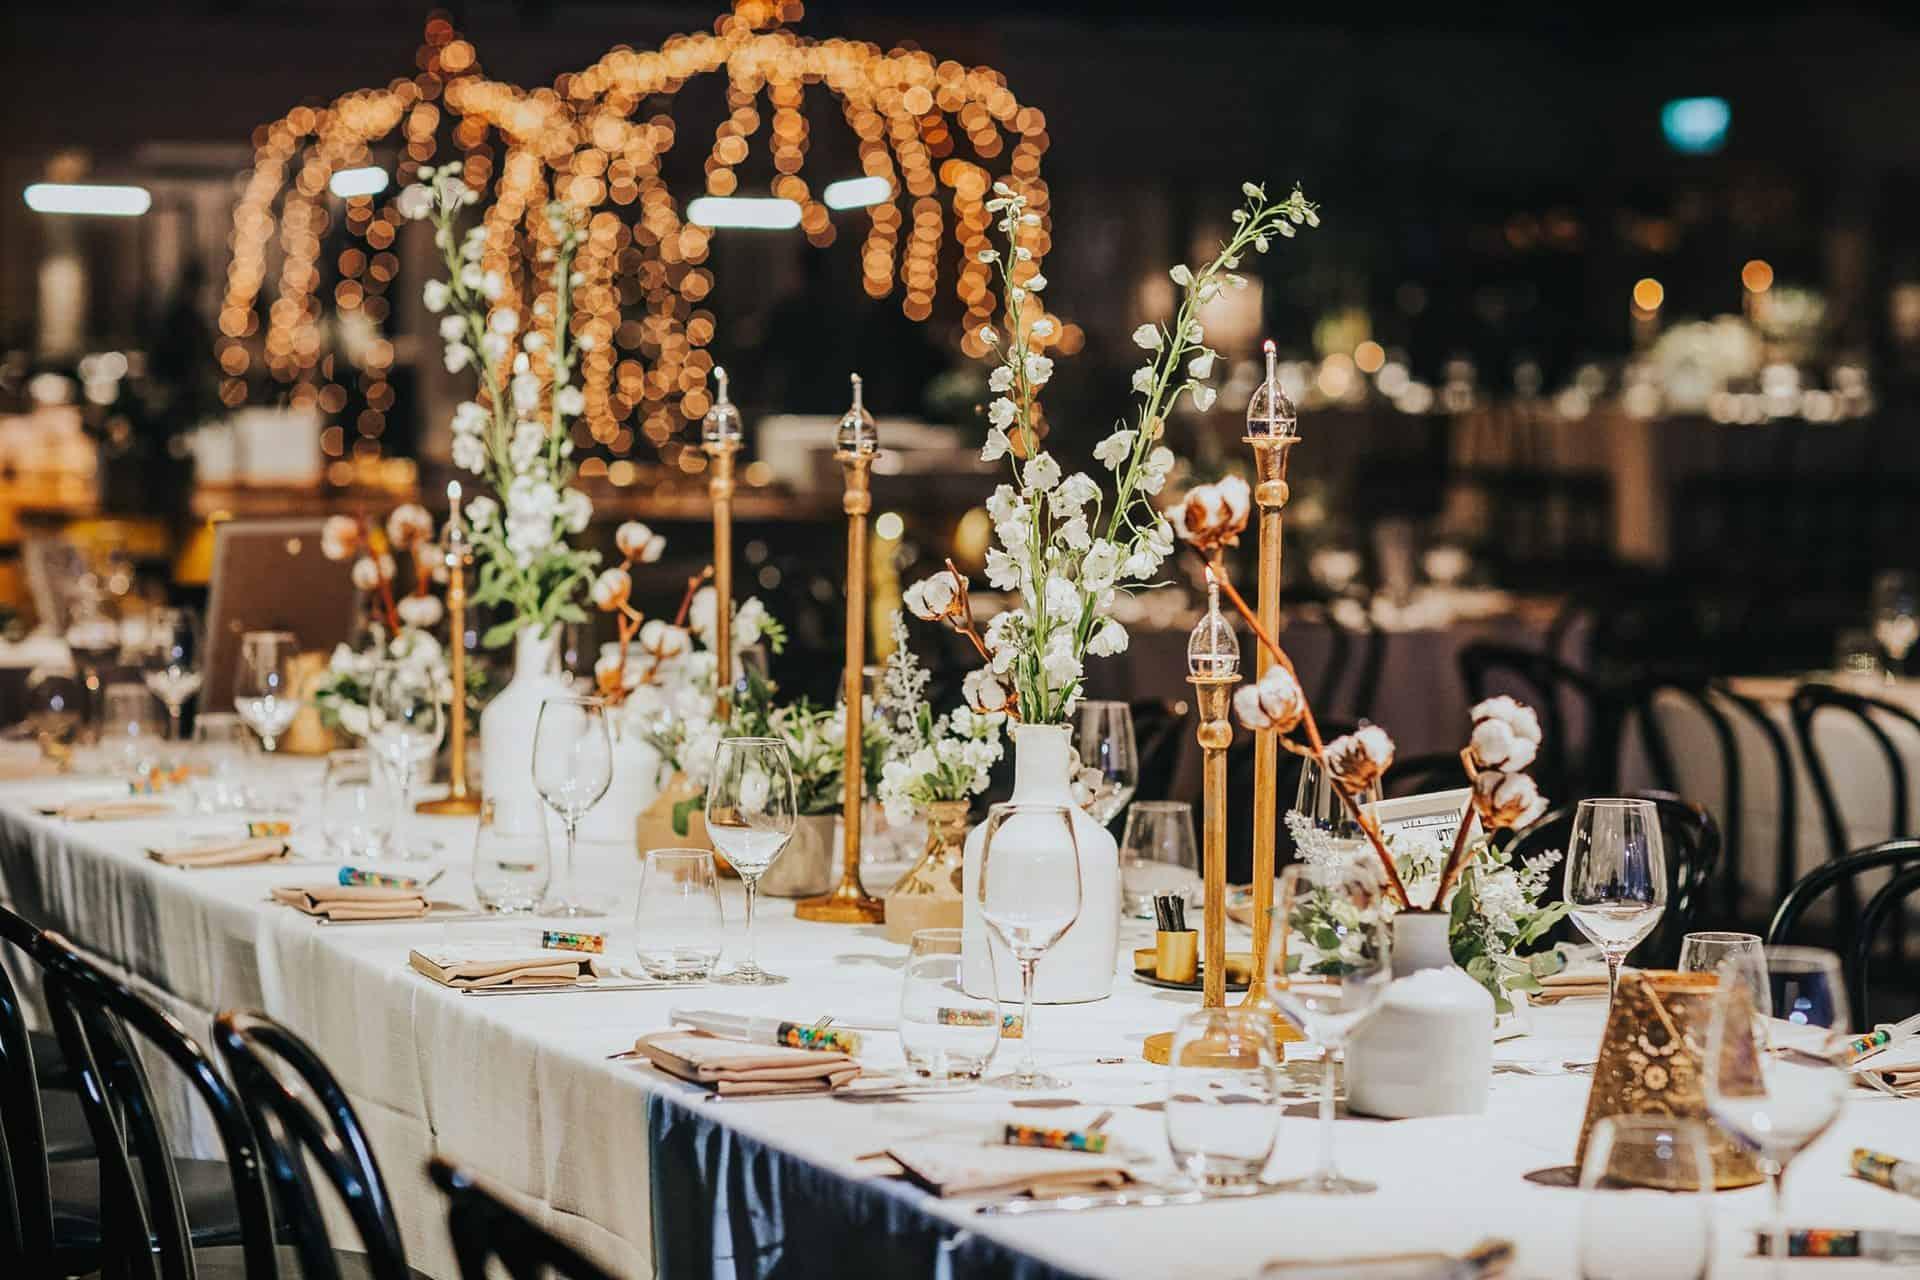 עיצוב חתונה מושקע